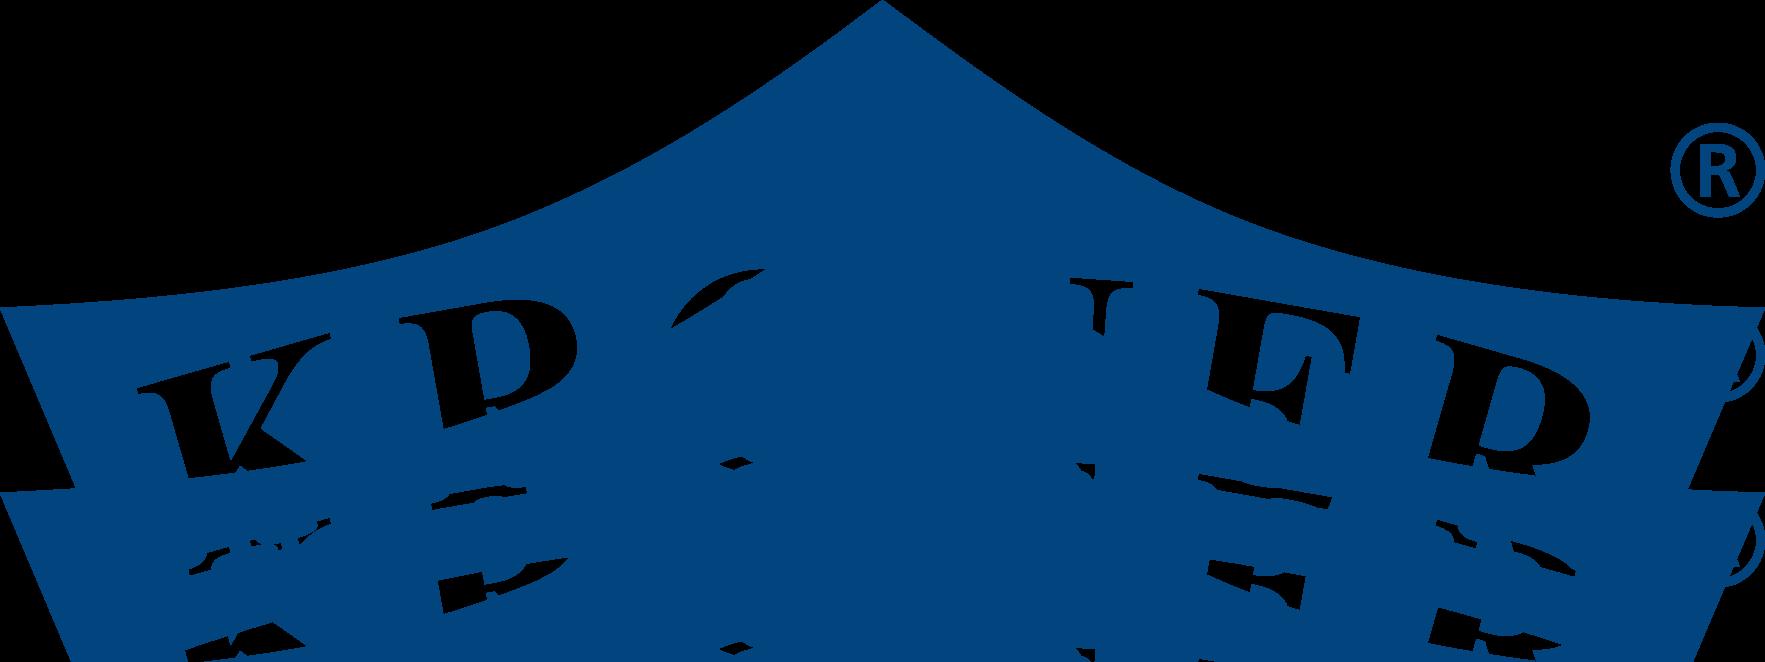 автозапчасти новороссийск Kroner